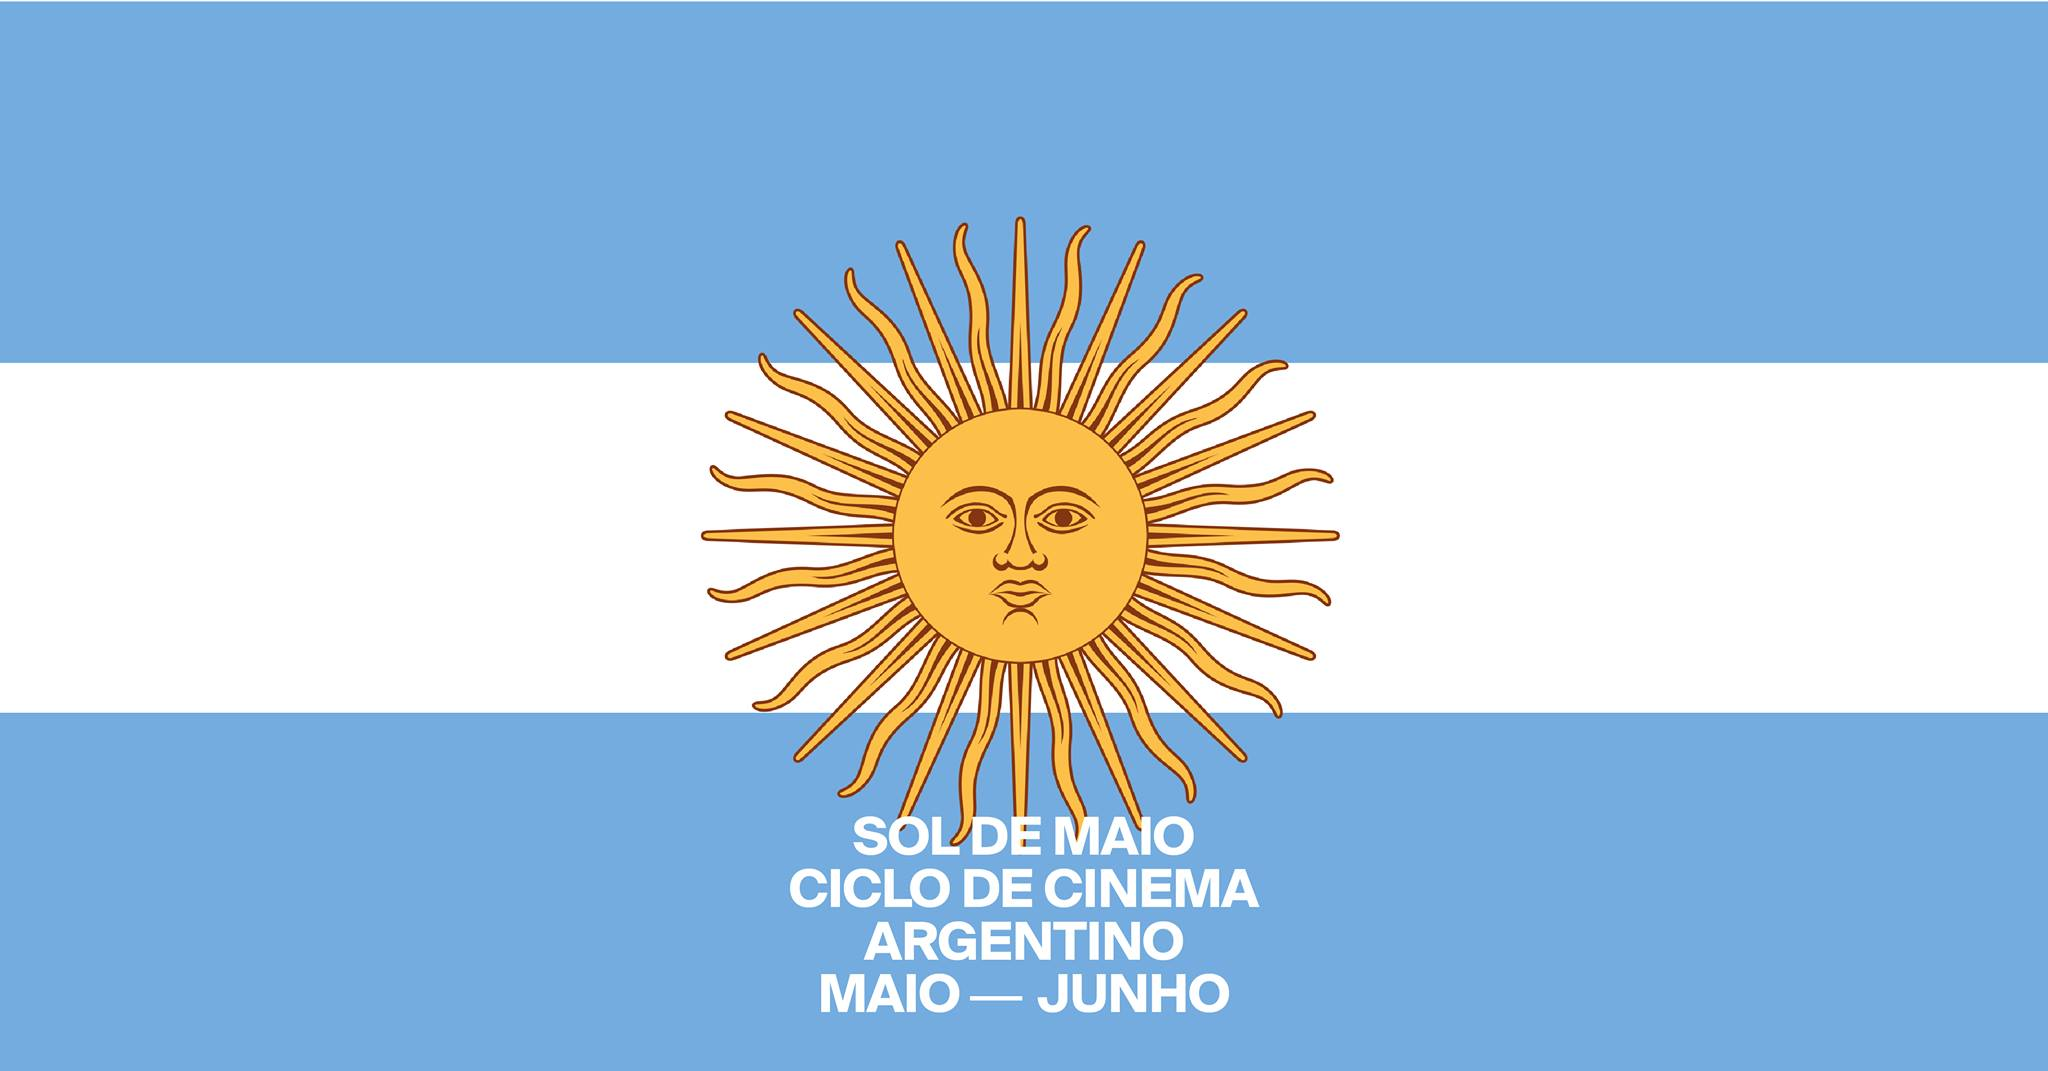 SOL DE MAIO - Ciclo de Cinema Argentino